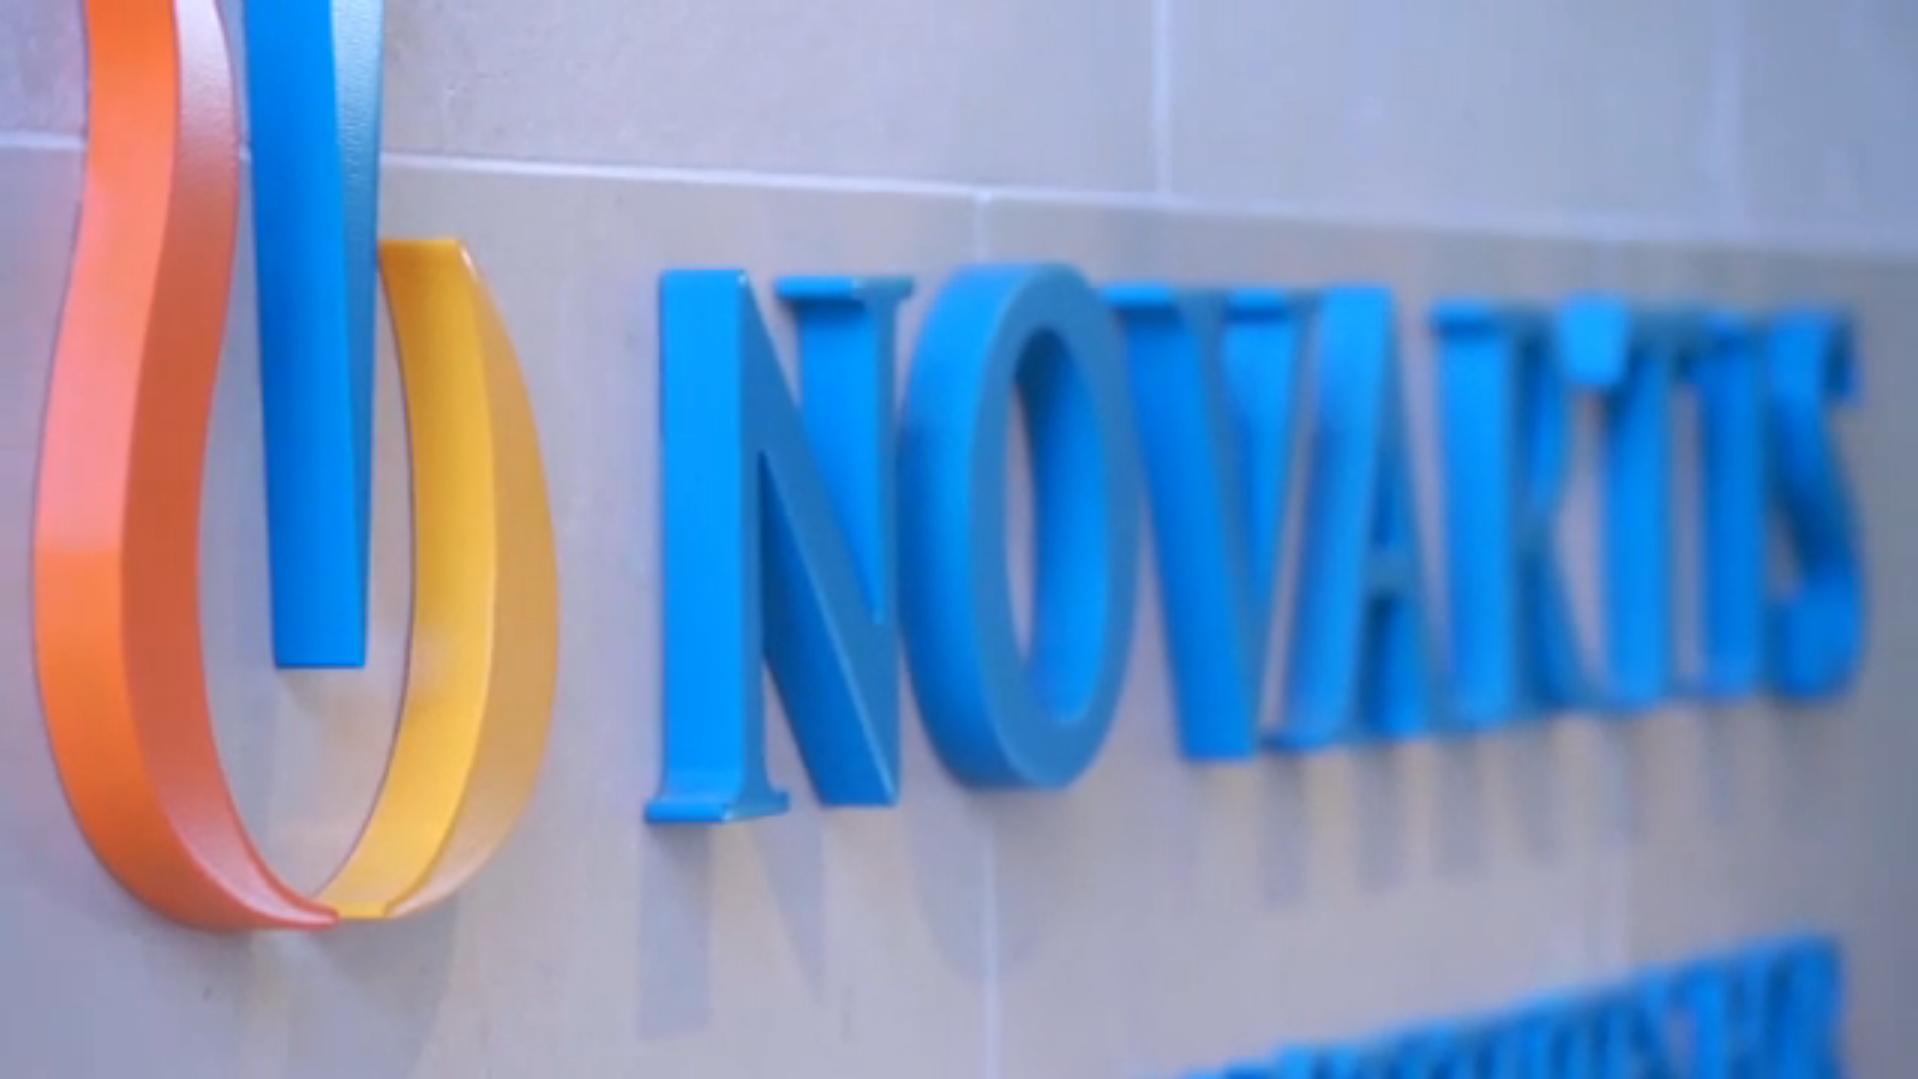 Novartis – Overview